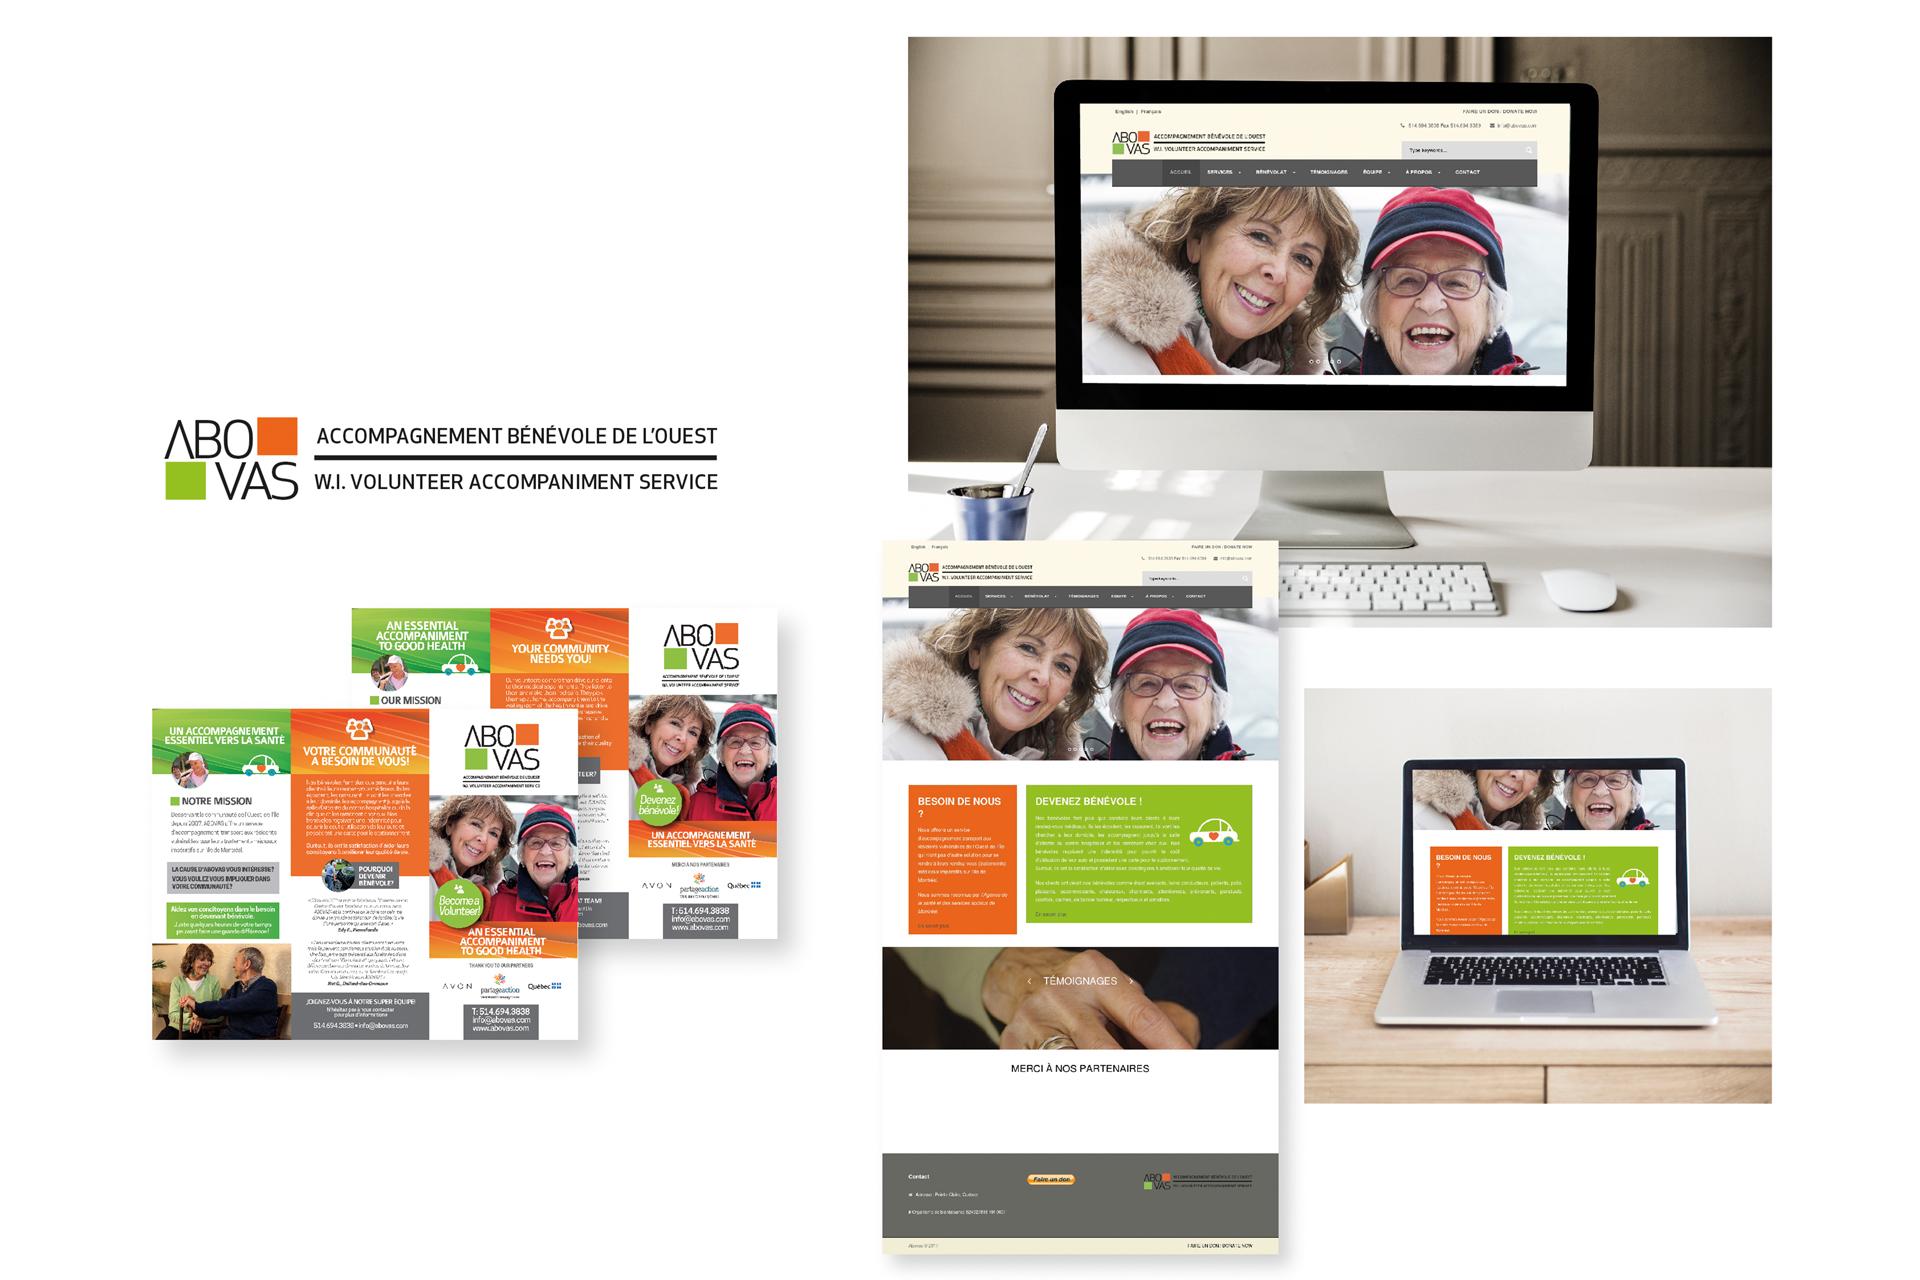 Campagne de publicité Abovas